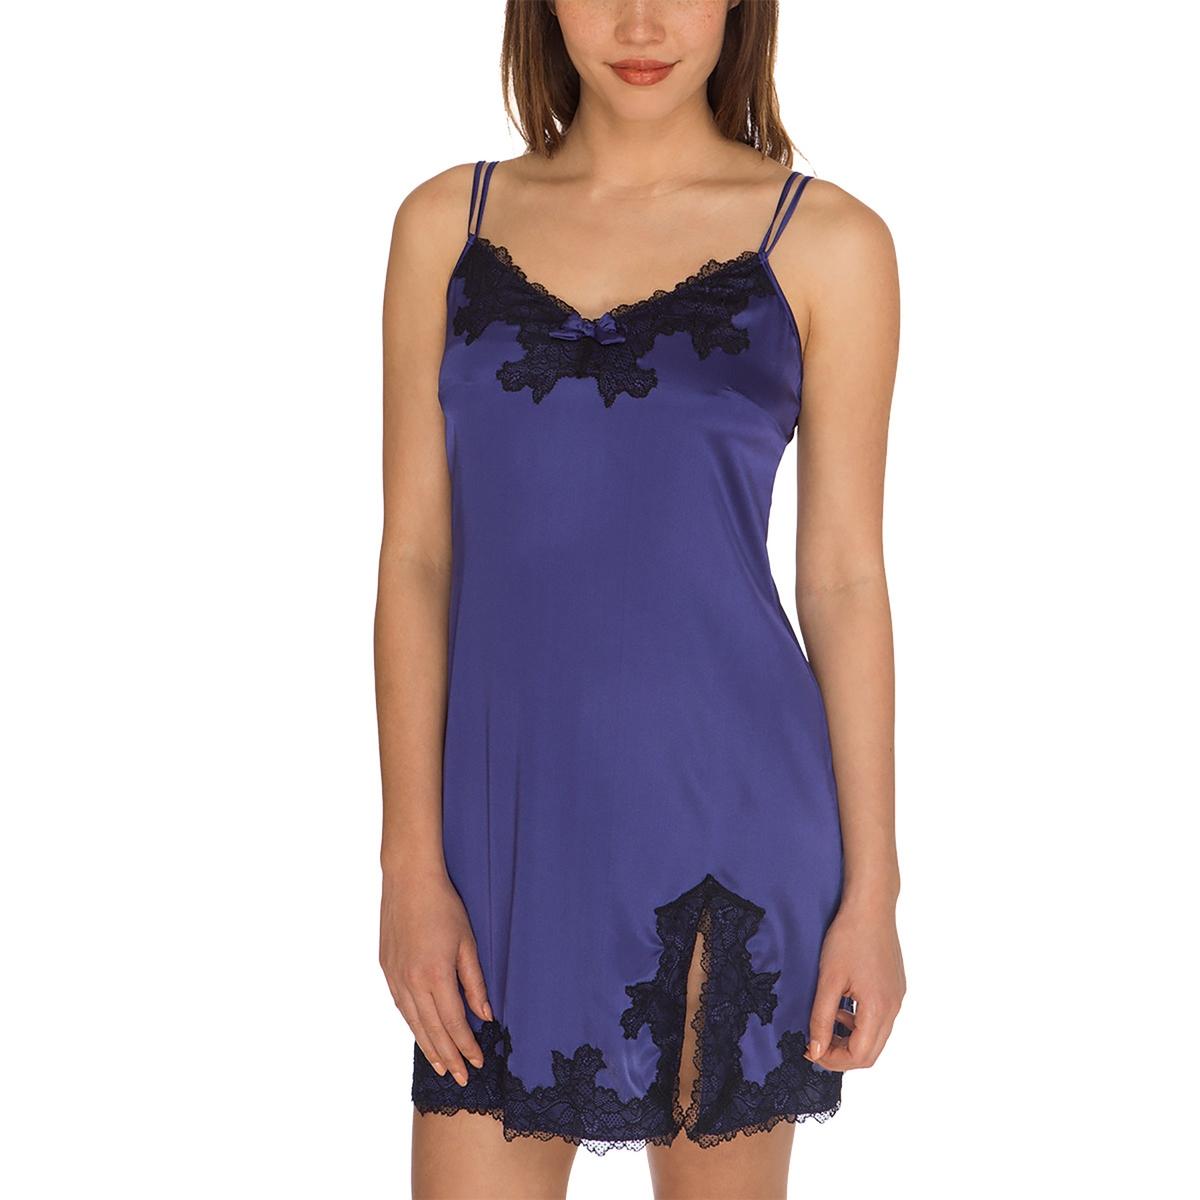 Ночная сорочка из шелка и кружеваНочная сорочка из шелка и кружева. 76% шелка, 14% полиамида, 10% эластана: Изящное сочетание материалов и цветов и отделка кружевом причудливой формы.                           Машинная стирка при 30°.<br><br>Цвет: синий/ черный<br>Размер: 42/44 (FR) - 48/50 (RUS)